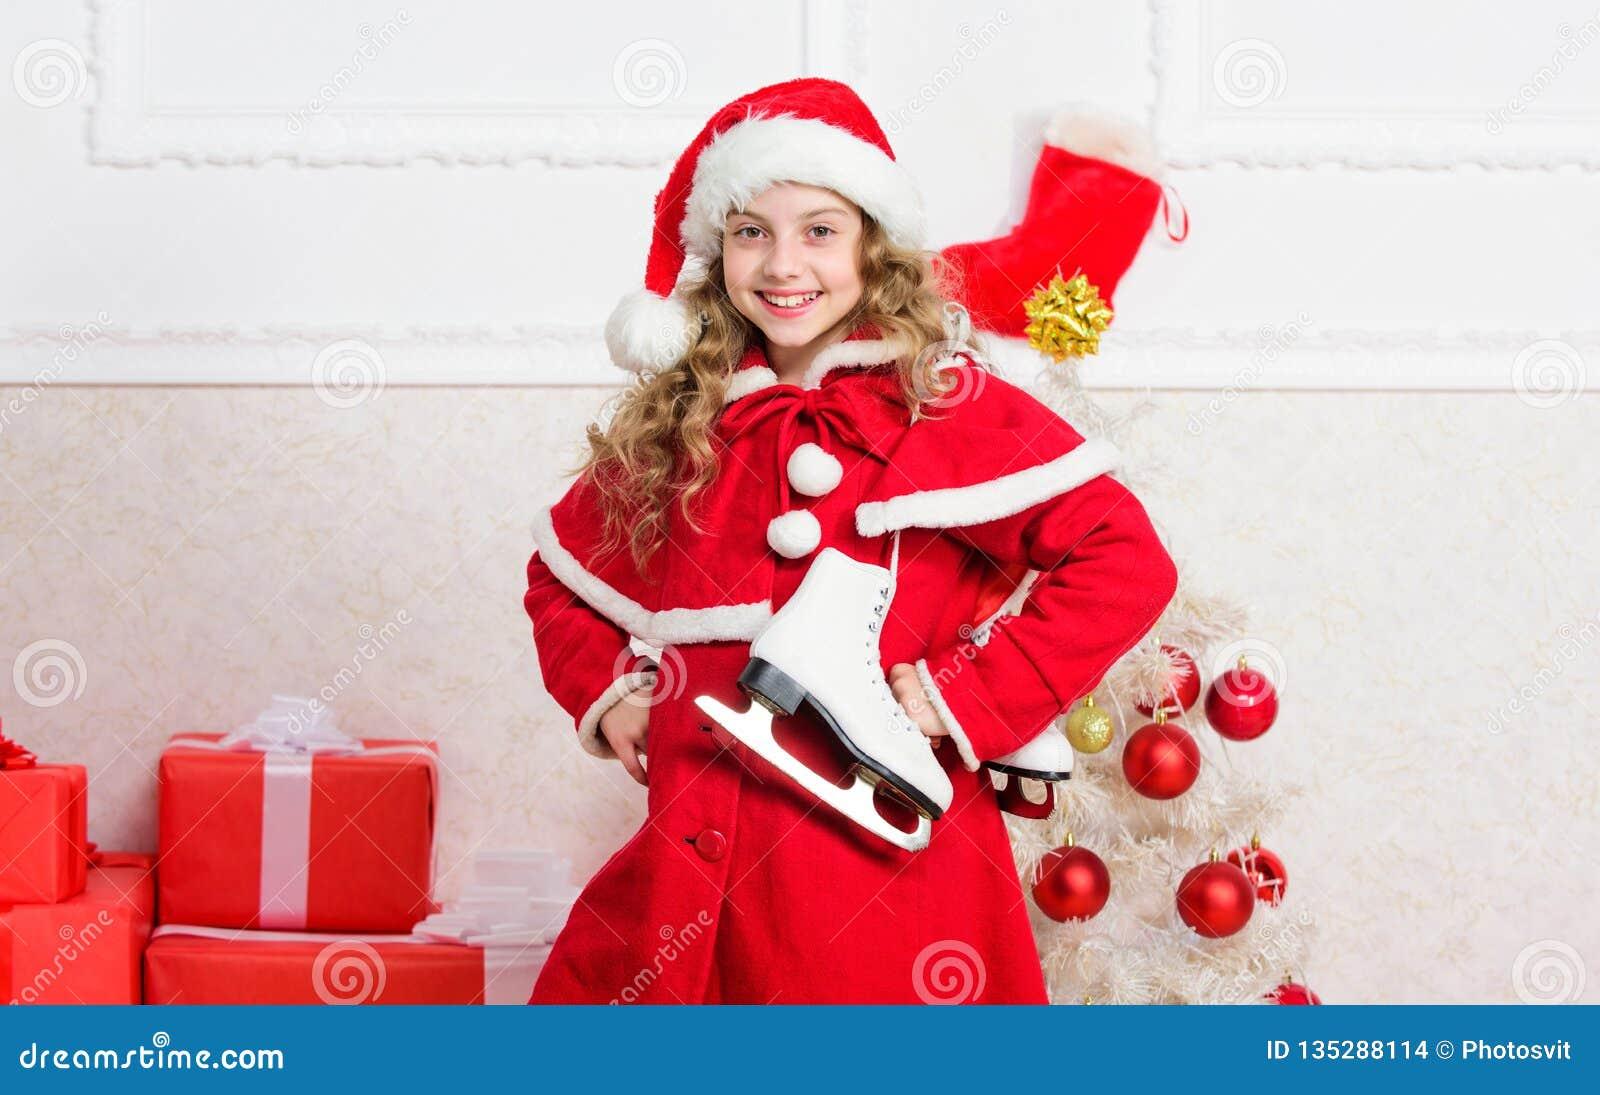 Idées supérieures de célébration de Noël Concept de vacances d hiver Appréciez les vacances de Noël Costume rouge de Santa d enfa